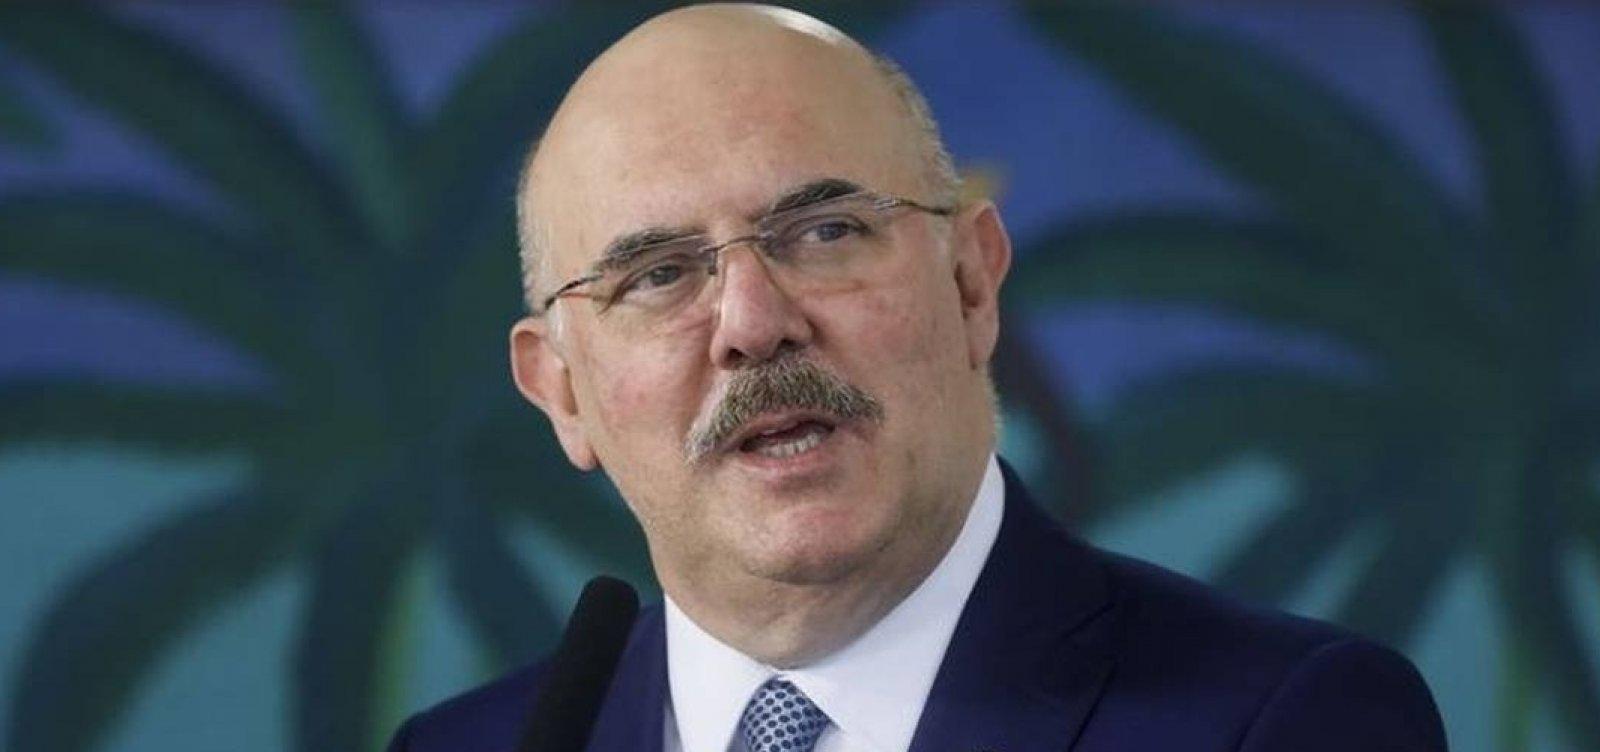 [PGR pede abertura de inquérito contra ministro da Educação por homofobia]